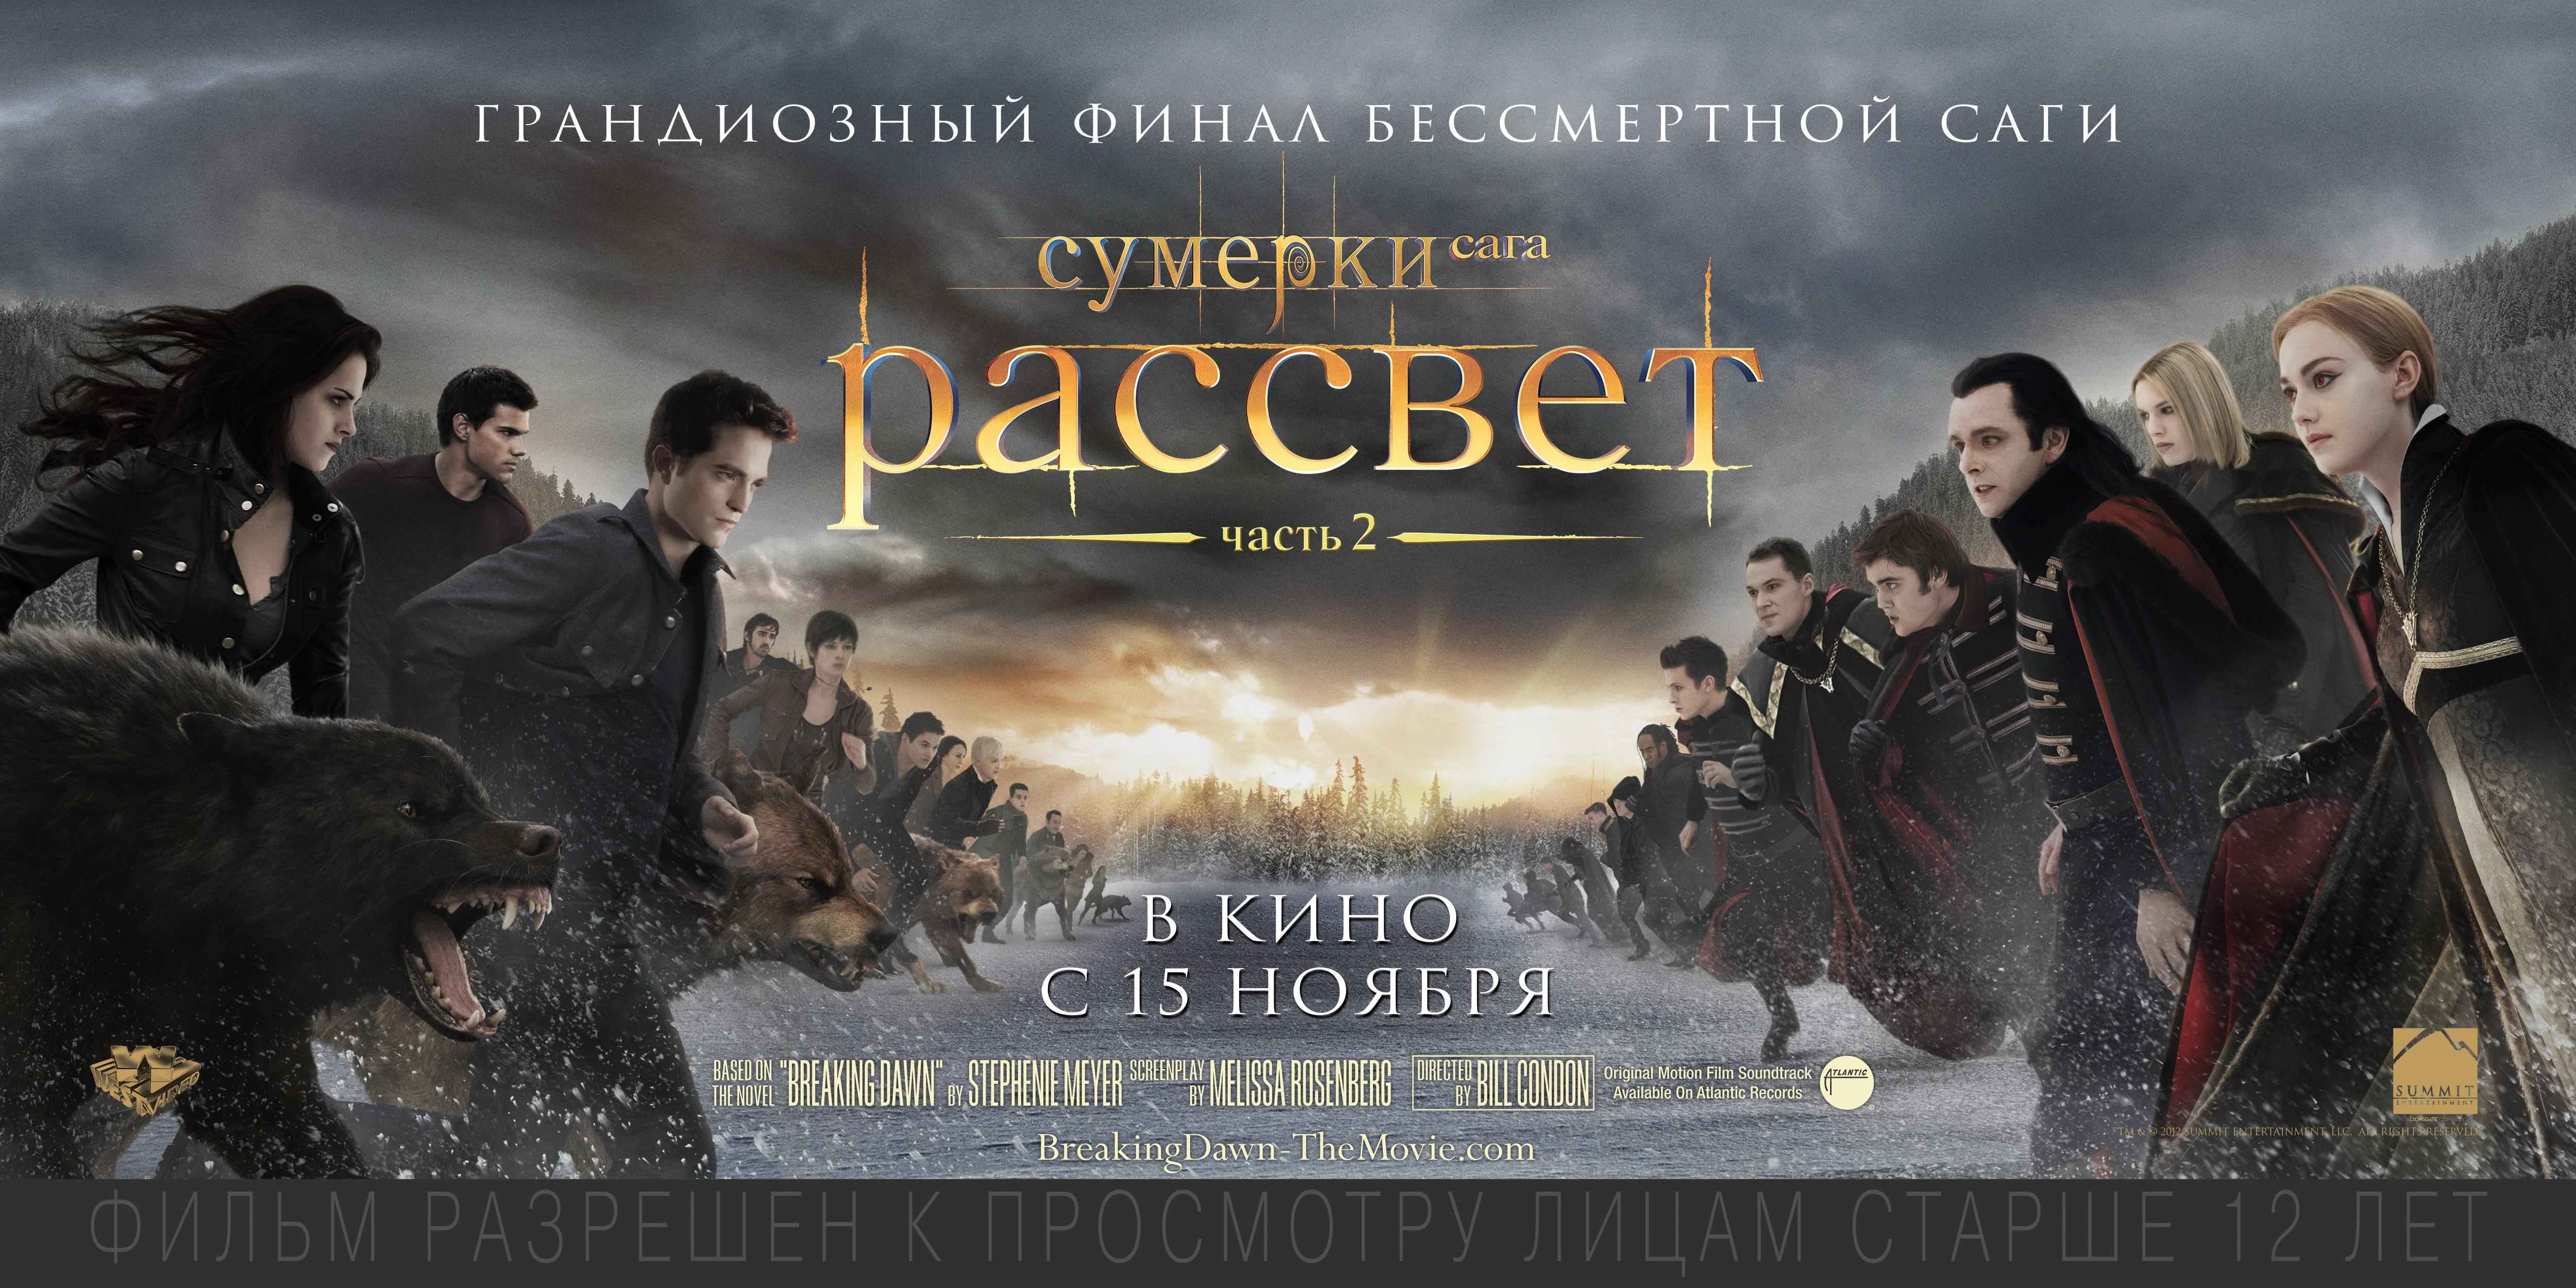 Маленькая Русалочка: XXX пародия (2014) смотреть онлайн ...